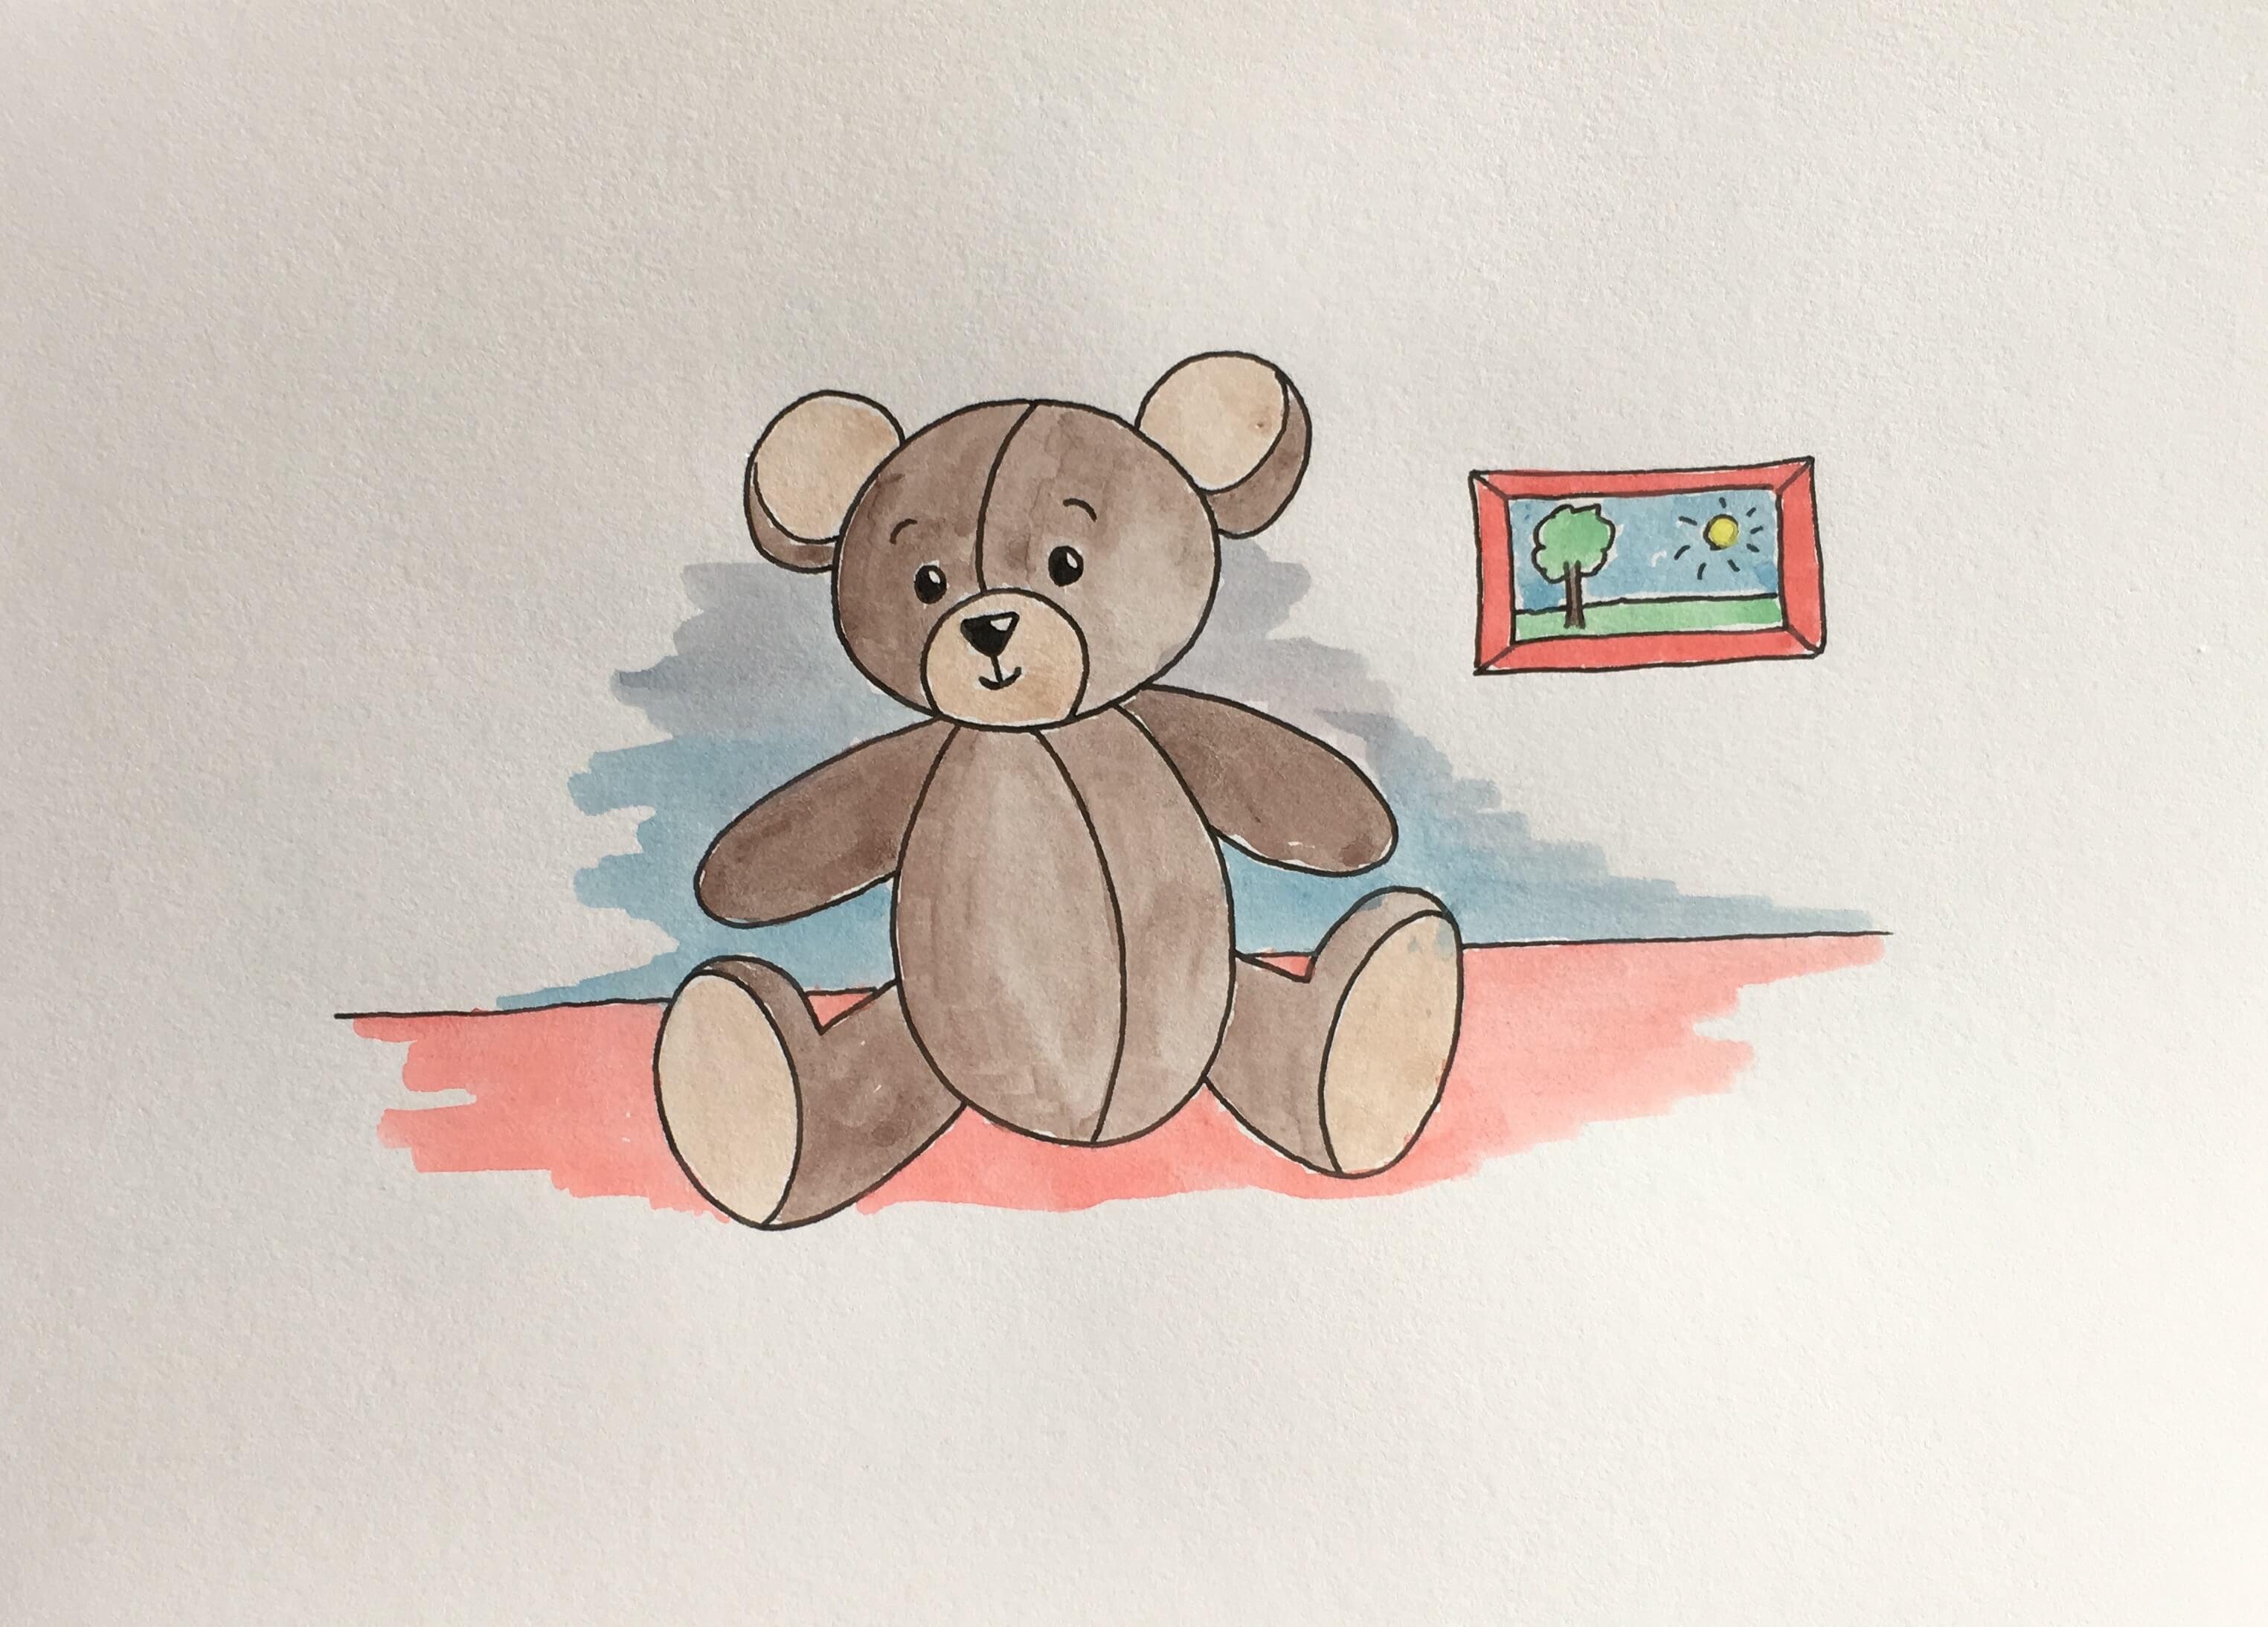 Lær at tegne en bamse